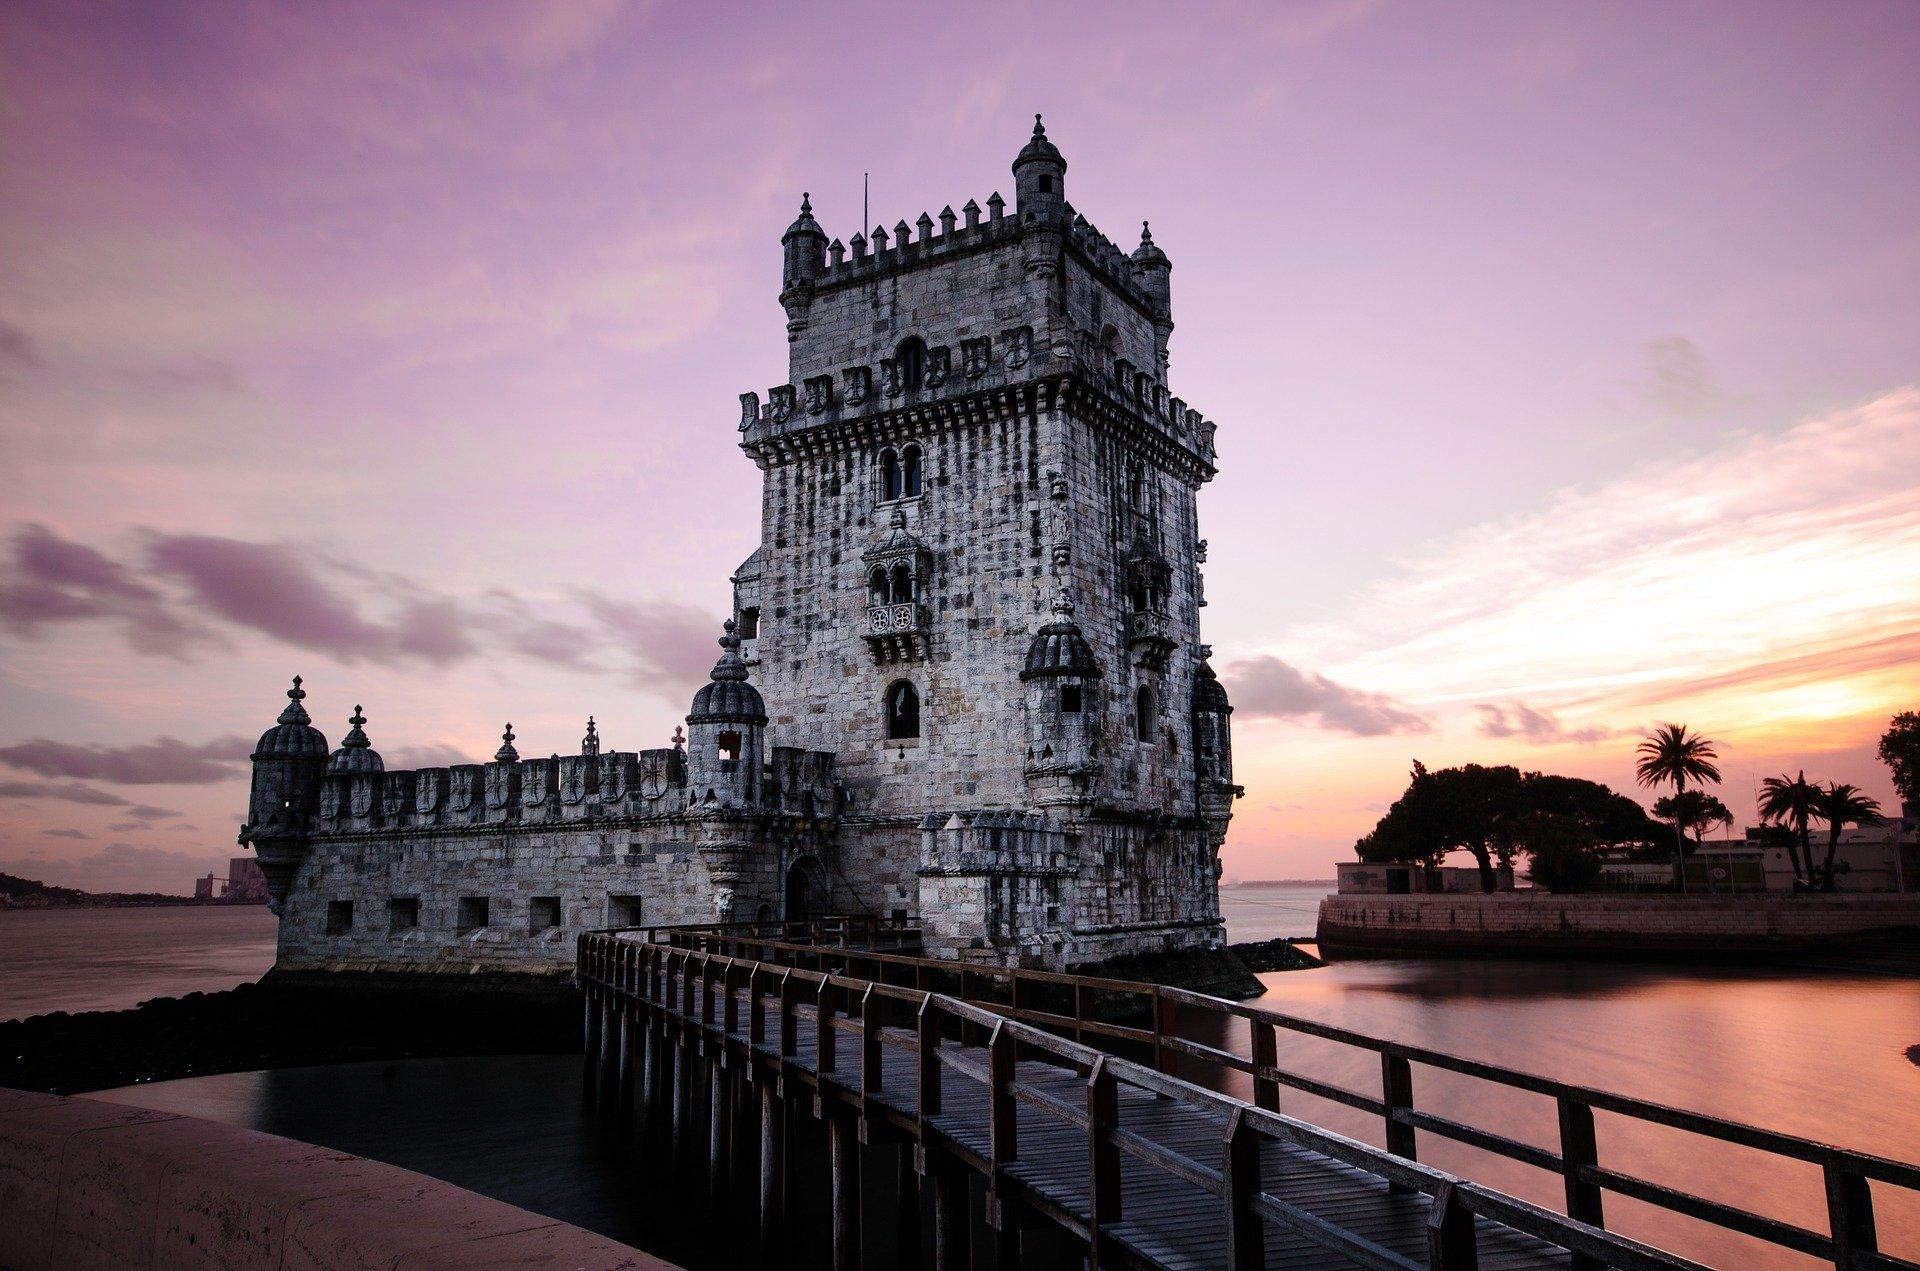 TripAdvisor distingue 2.438 hotéis, restaurantes e atrações em Portugal